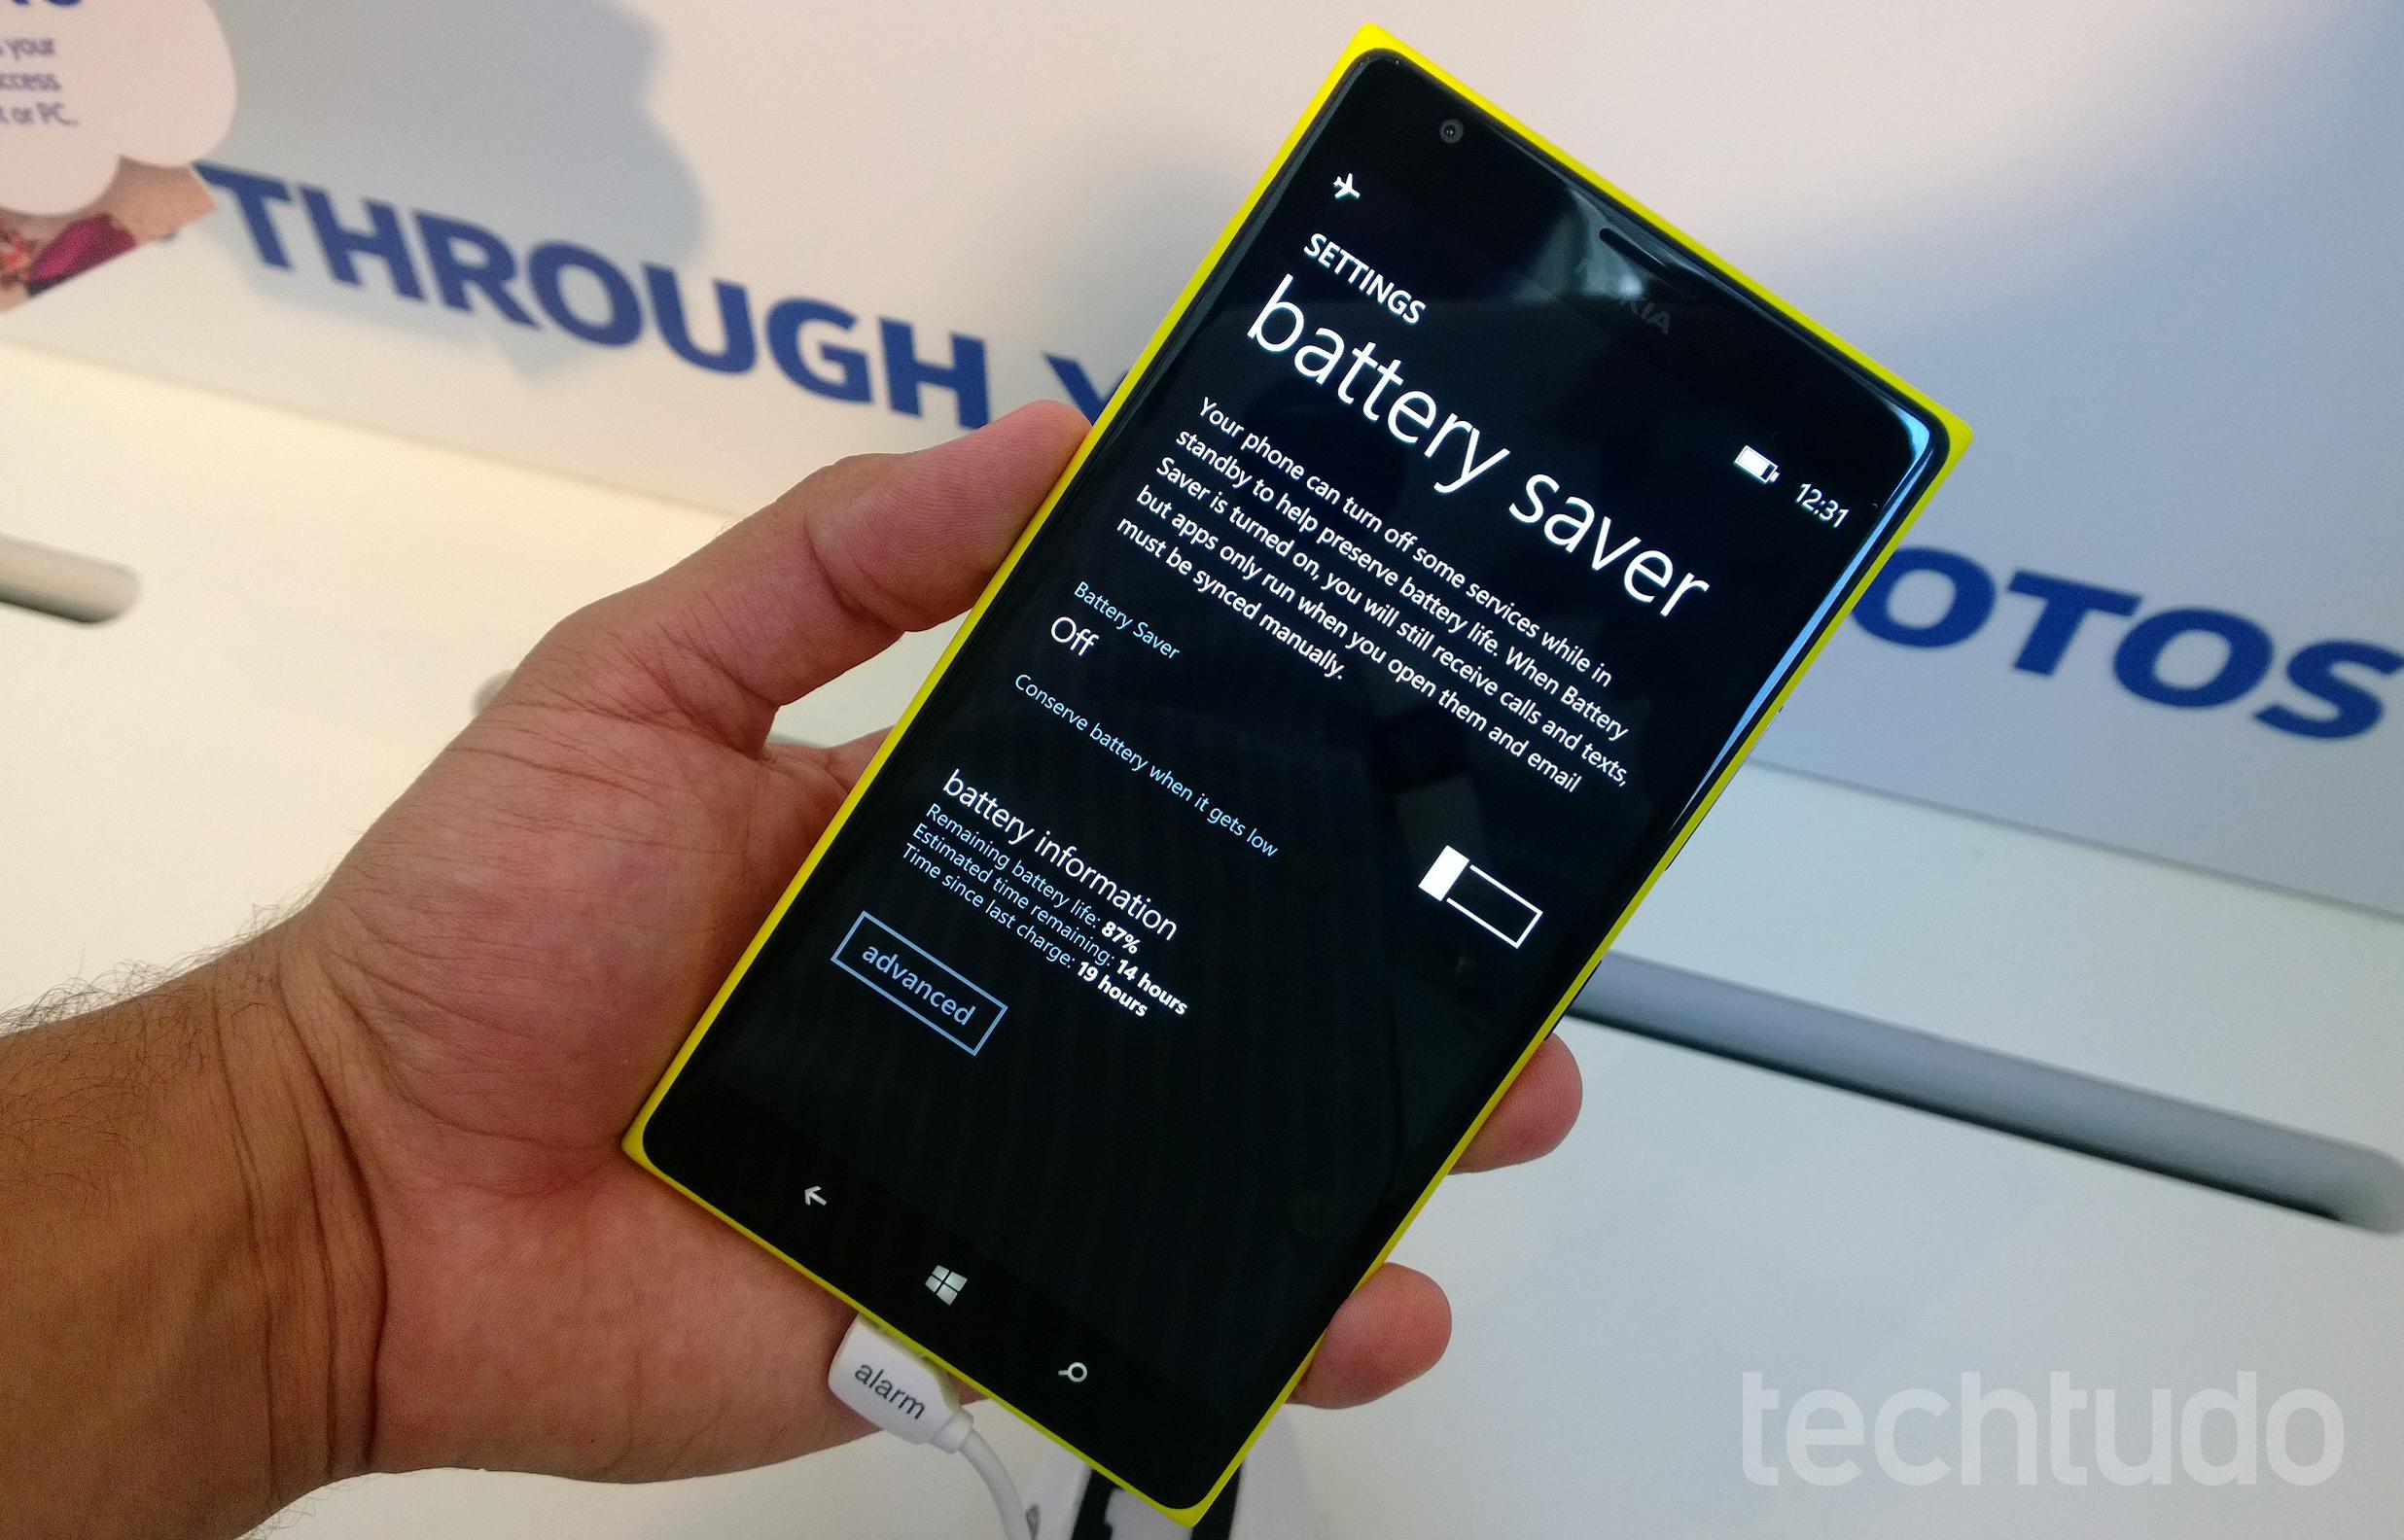 Duração da bateria do Nokia 1520 promete ser surpreendente (Foto: Allan Melo/TechTudo)